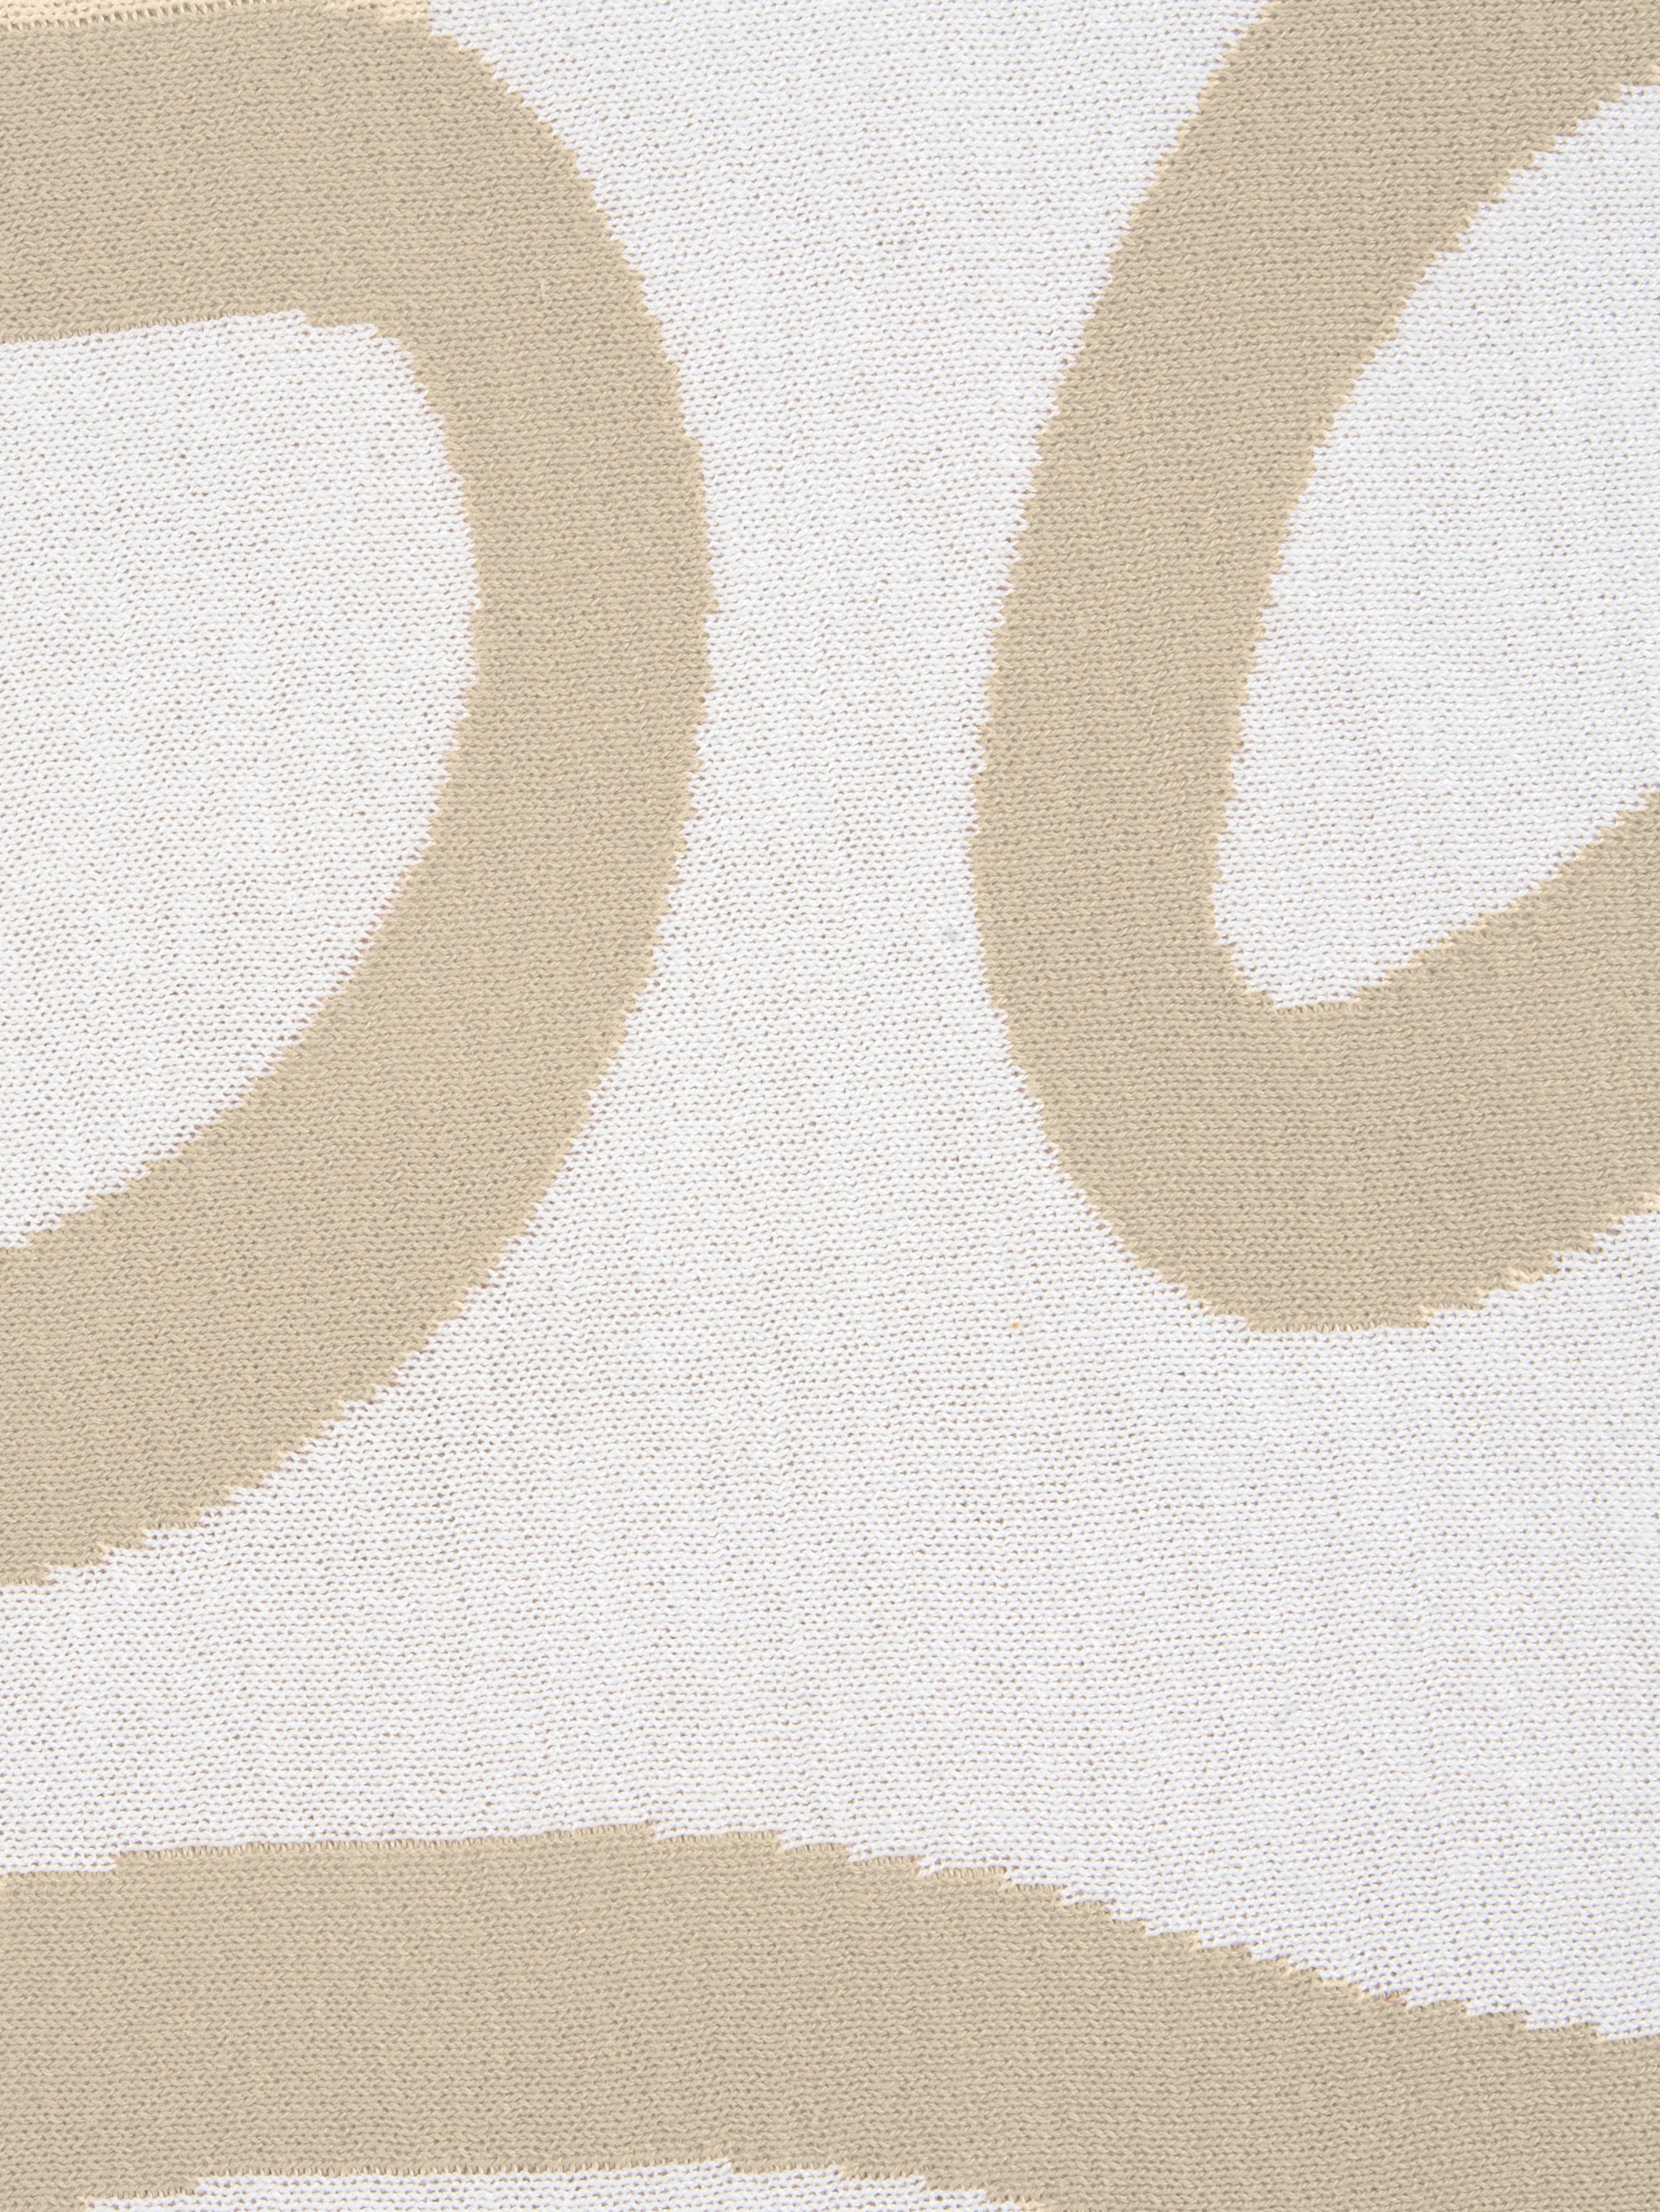 Feinstrick-Wendekissenhülle Amina mit abstraktem Linienmuster, 100% Baumwolle, Beige/ Weiss, 40 x 40 cm